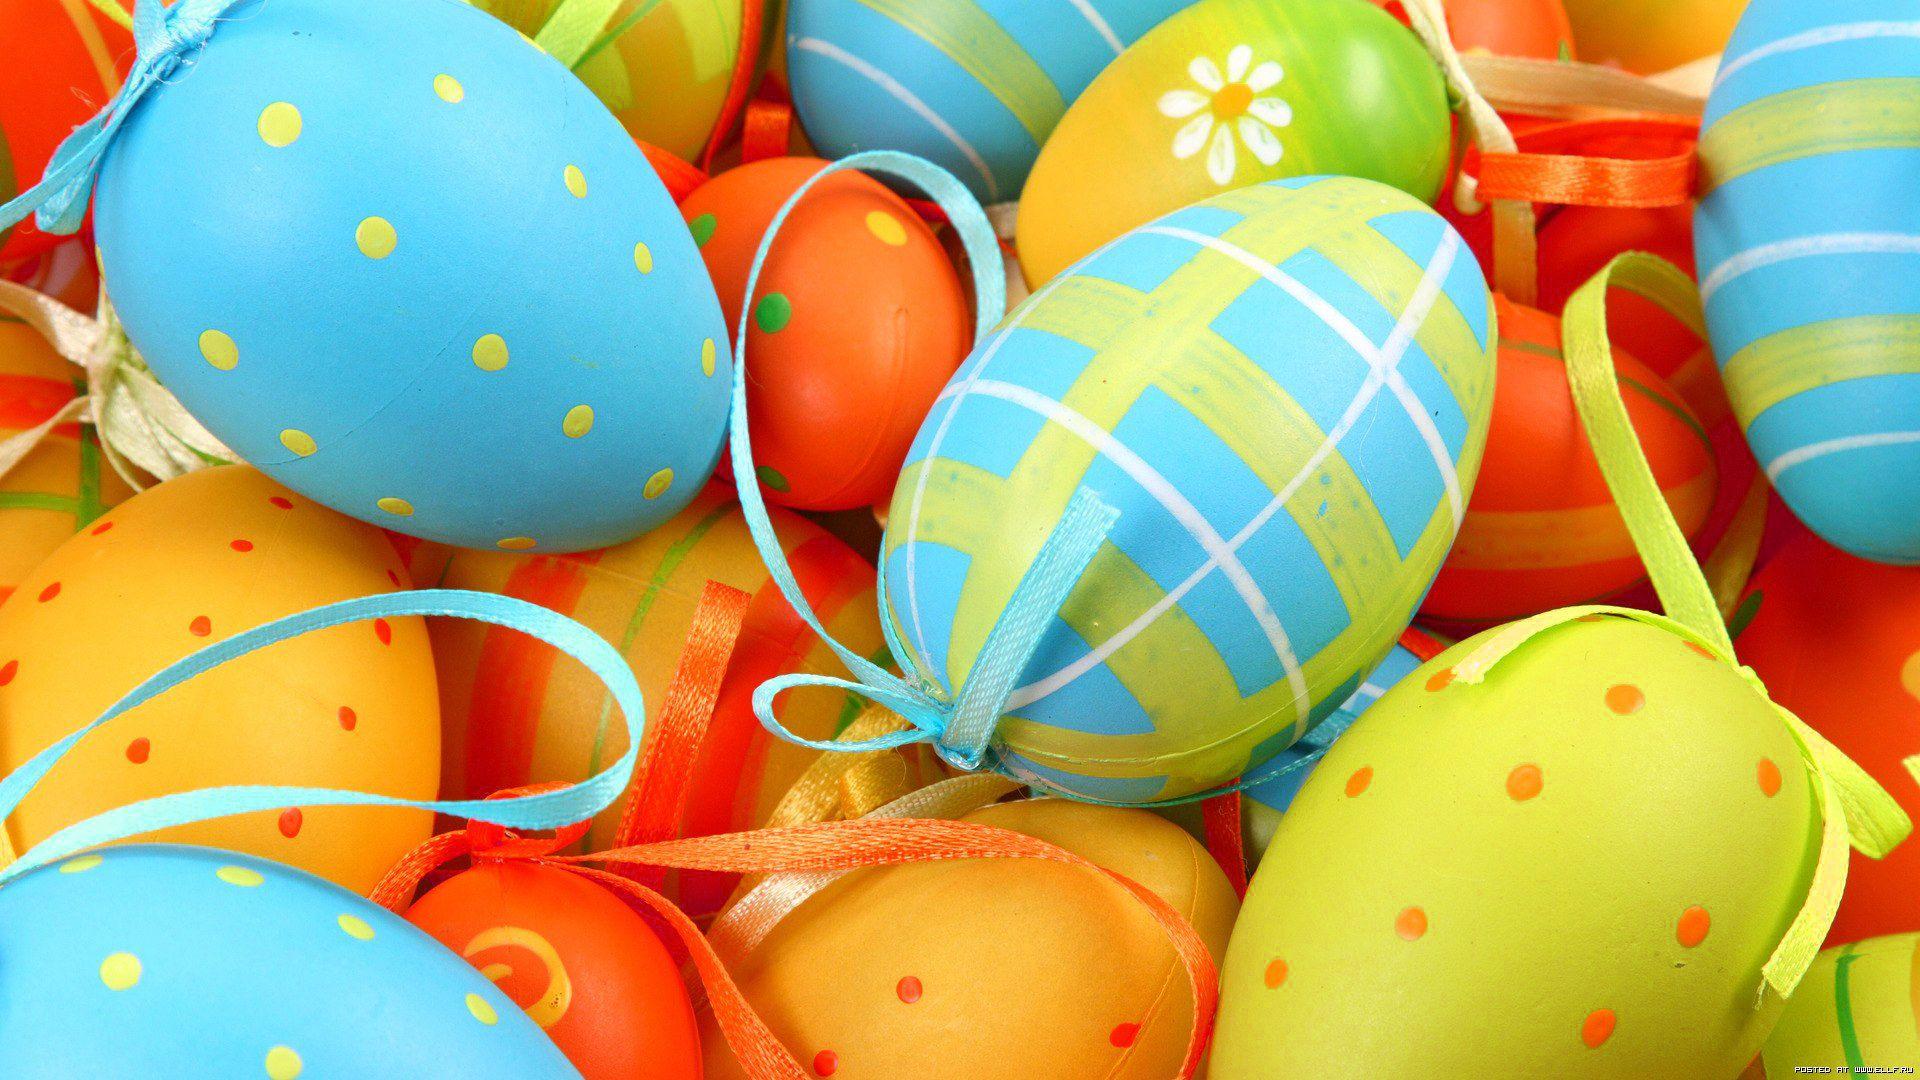 Easter Eggs Background Wallpaper Easter Wallpaper Easter Egg